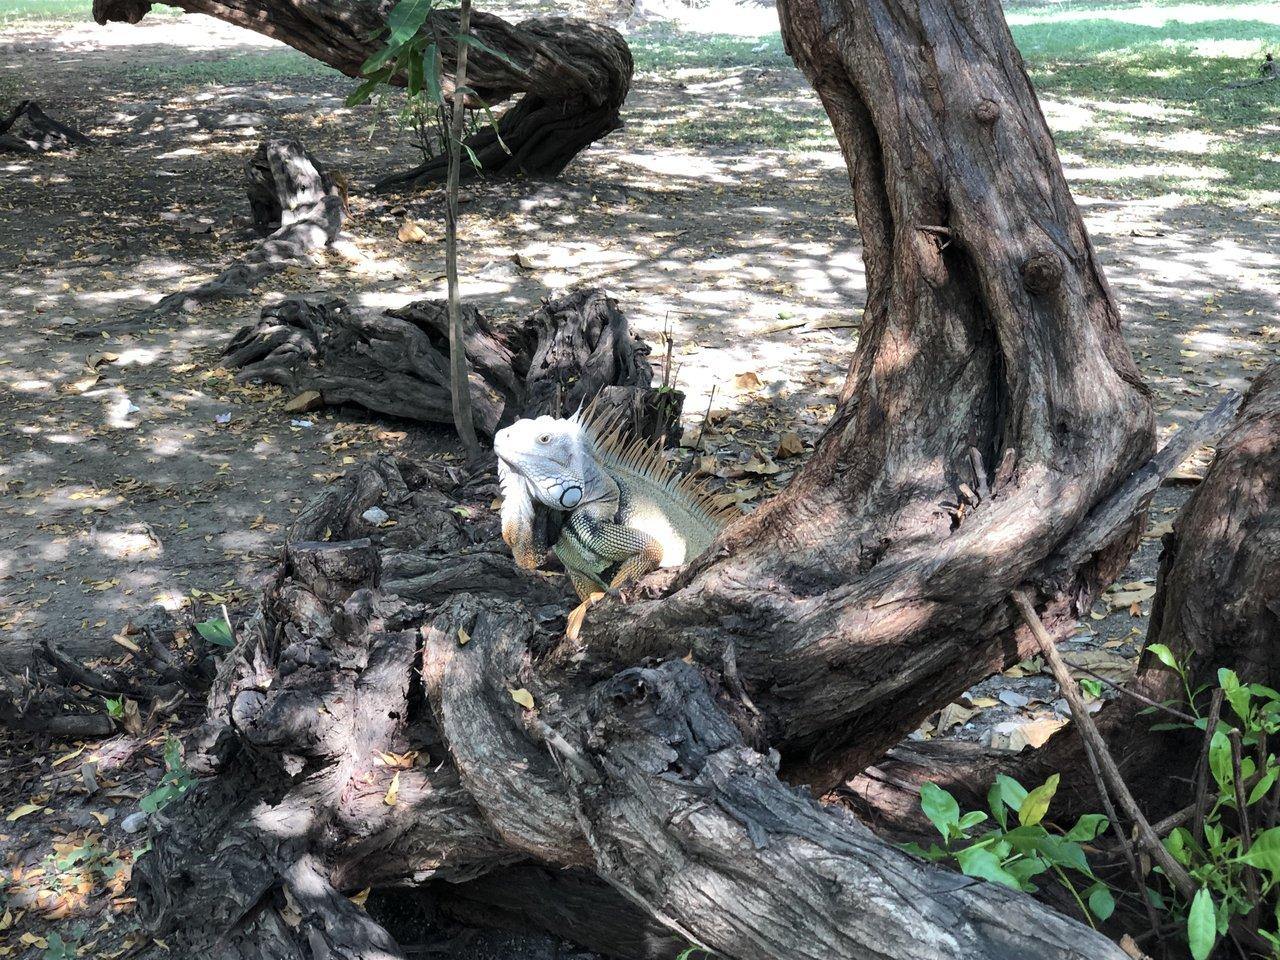 Cartagena iguana | Photo taken by Rachel B